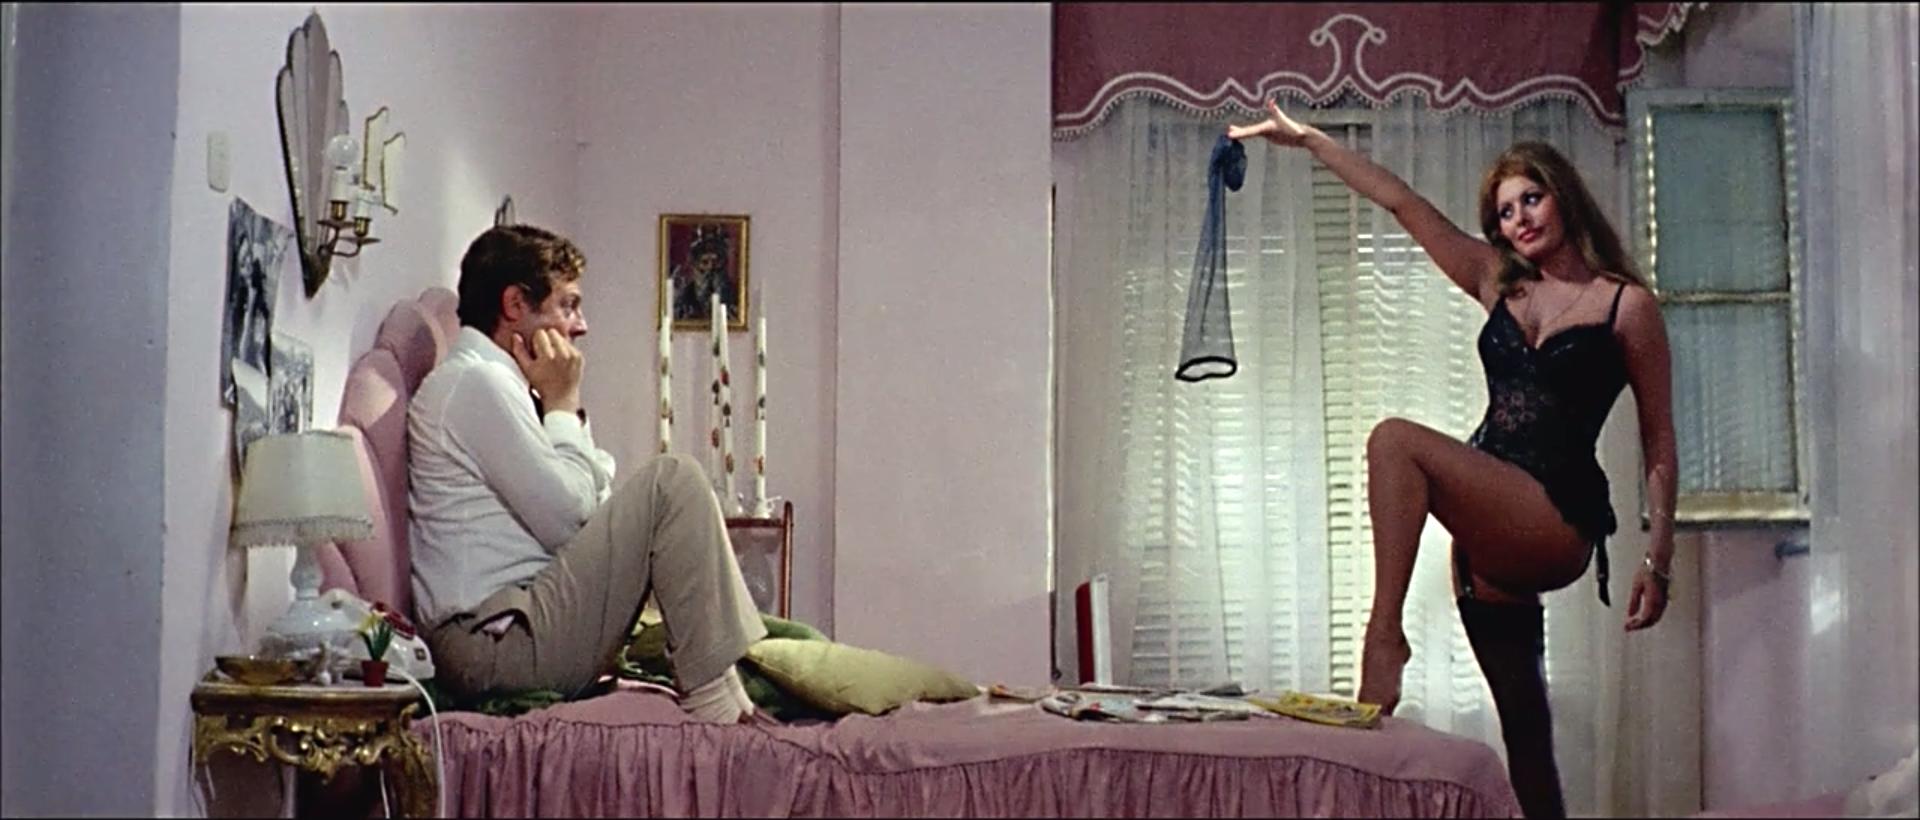 Самые сексуальные кадры в истории кино